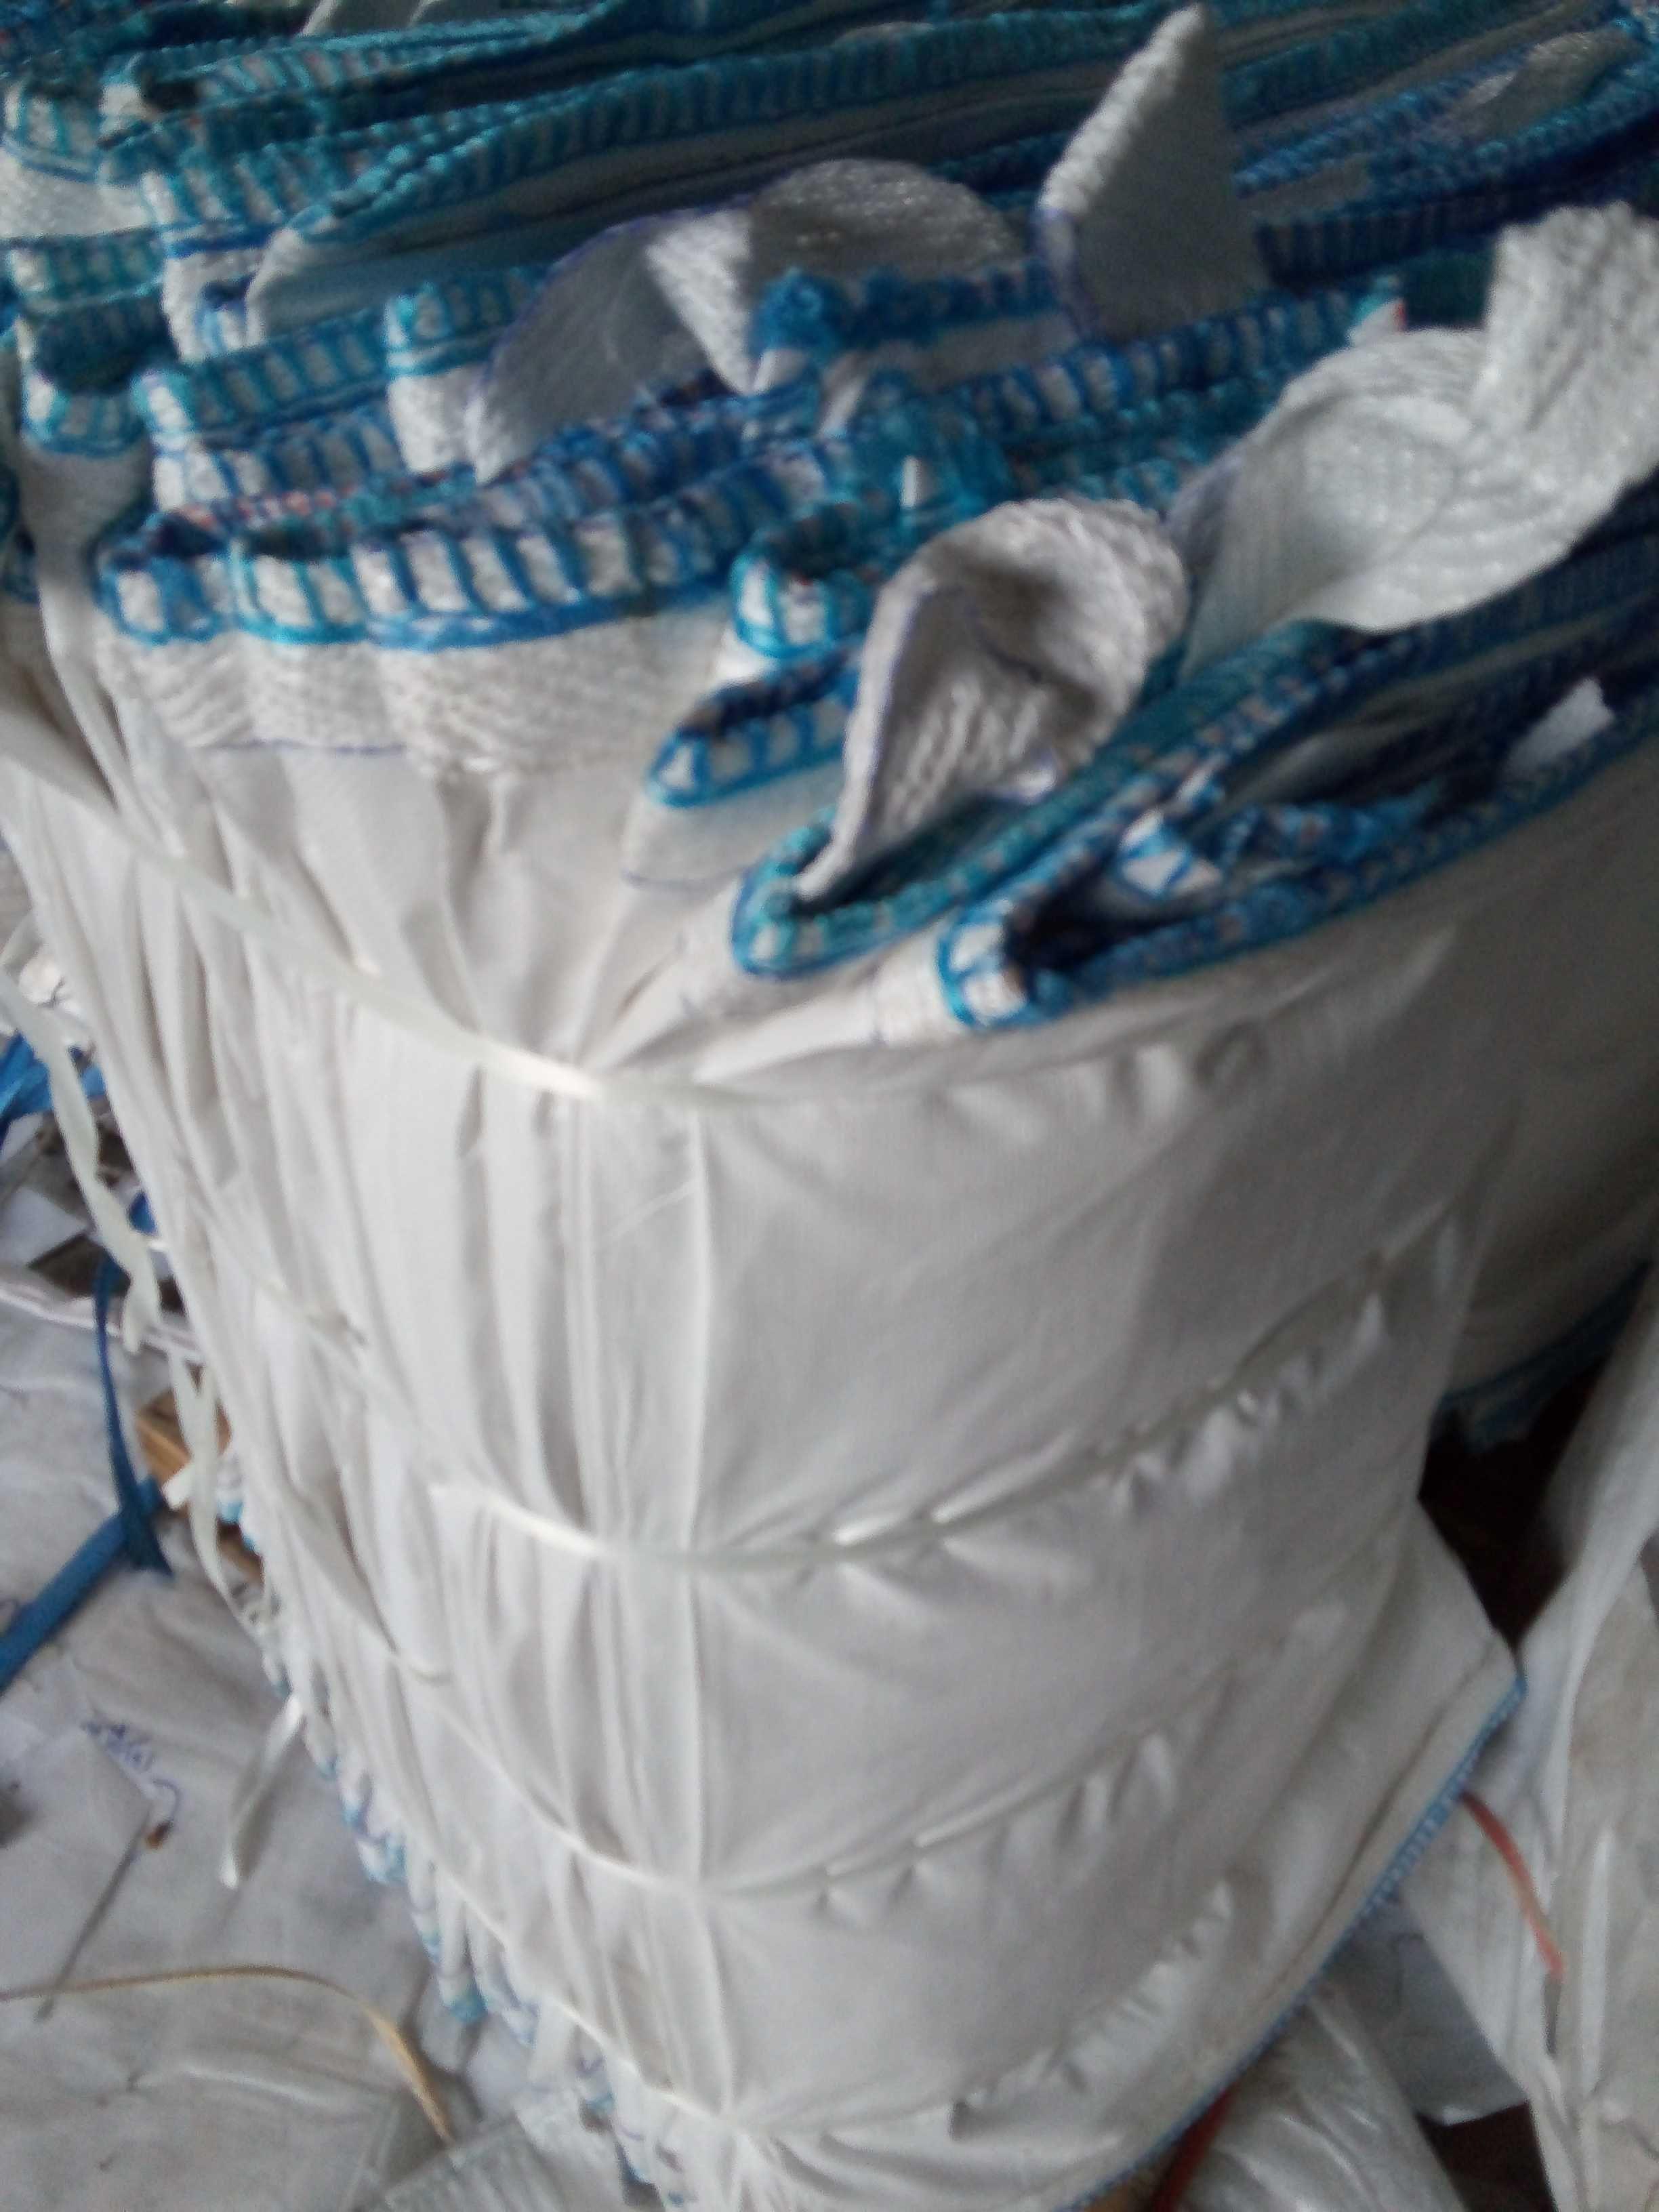 Używane worki big bag beg 90/90/150 cm do złomu/metali kolorowych